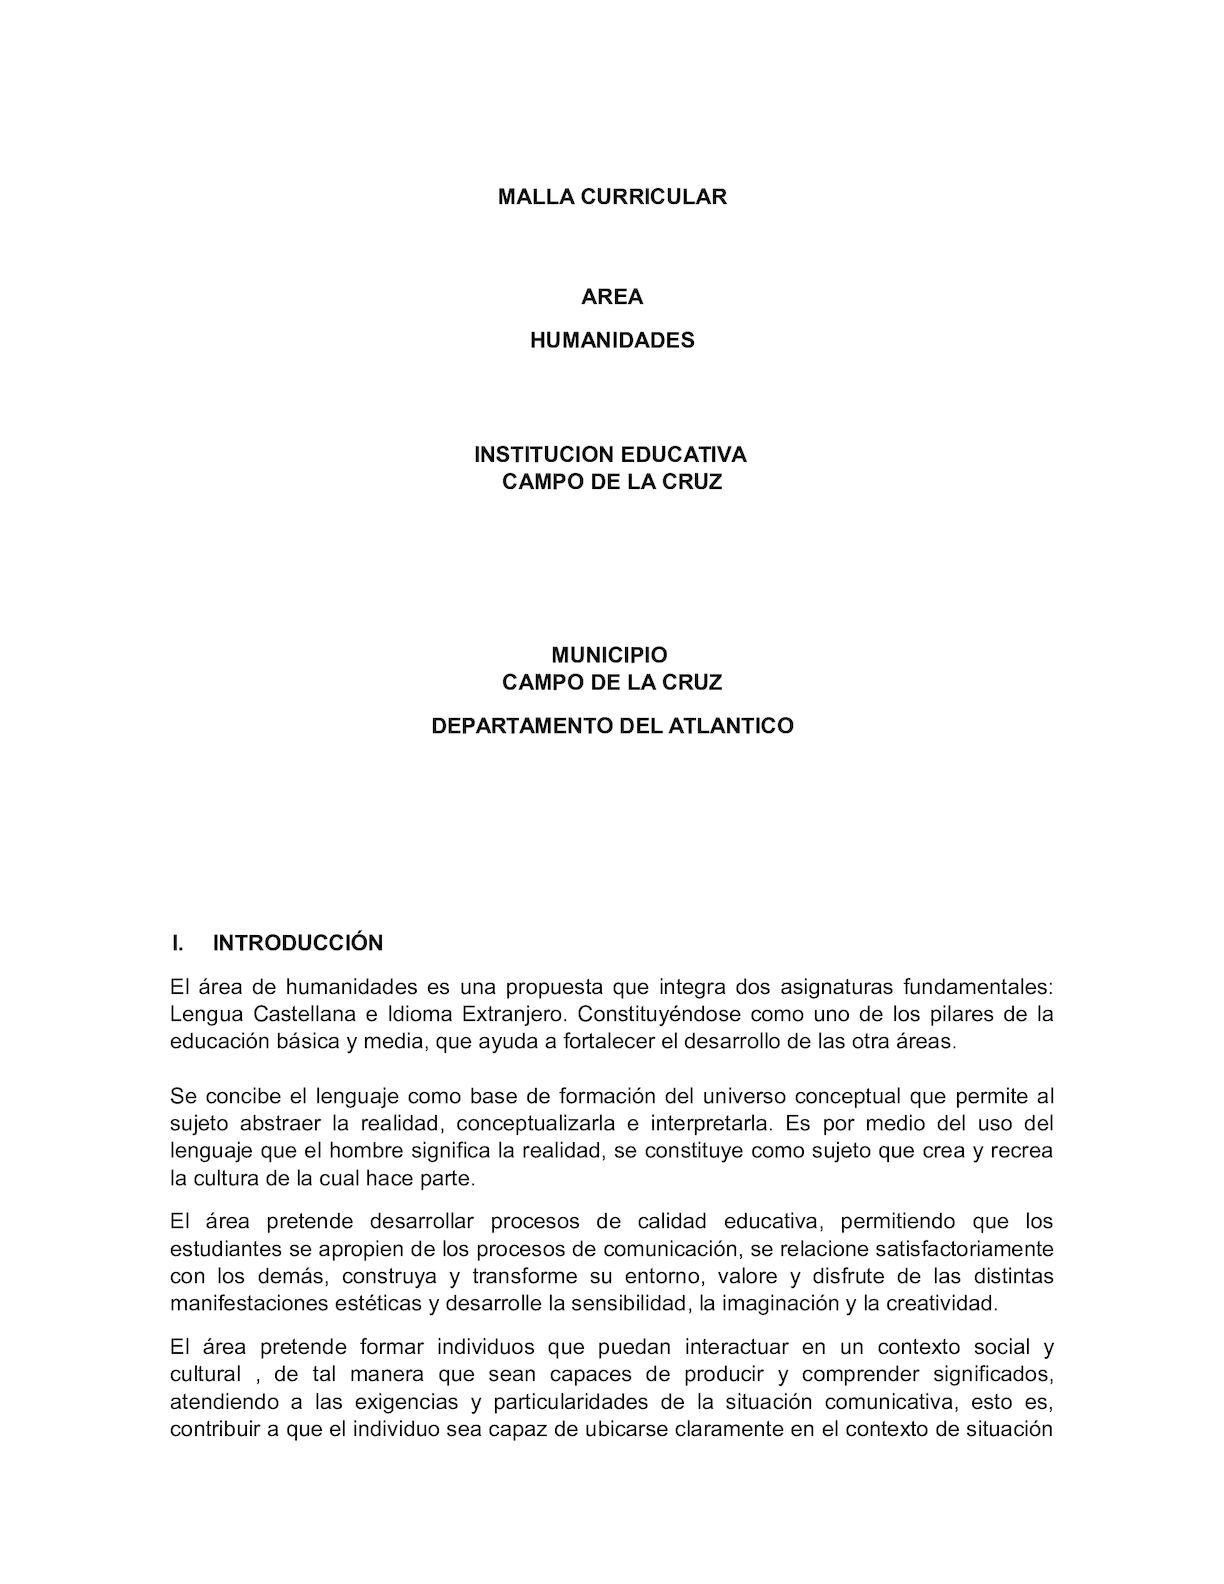 Calaméo - Malla Curricular Edwin